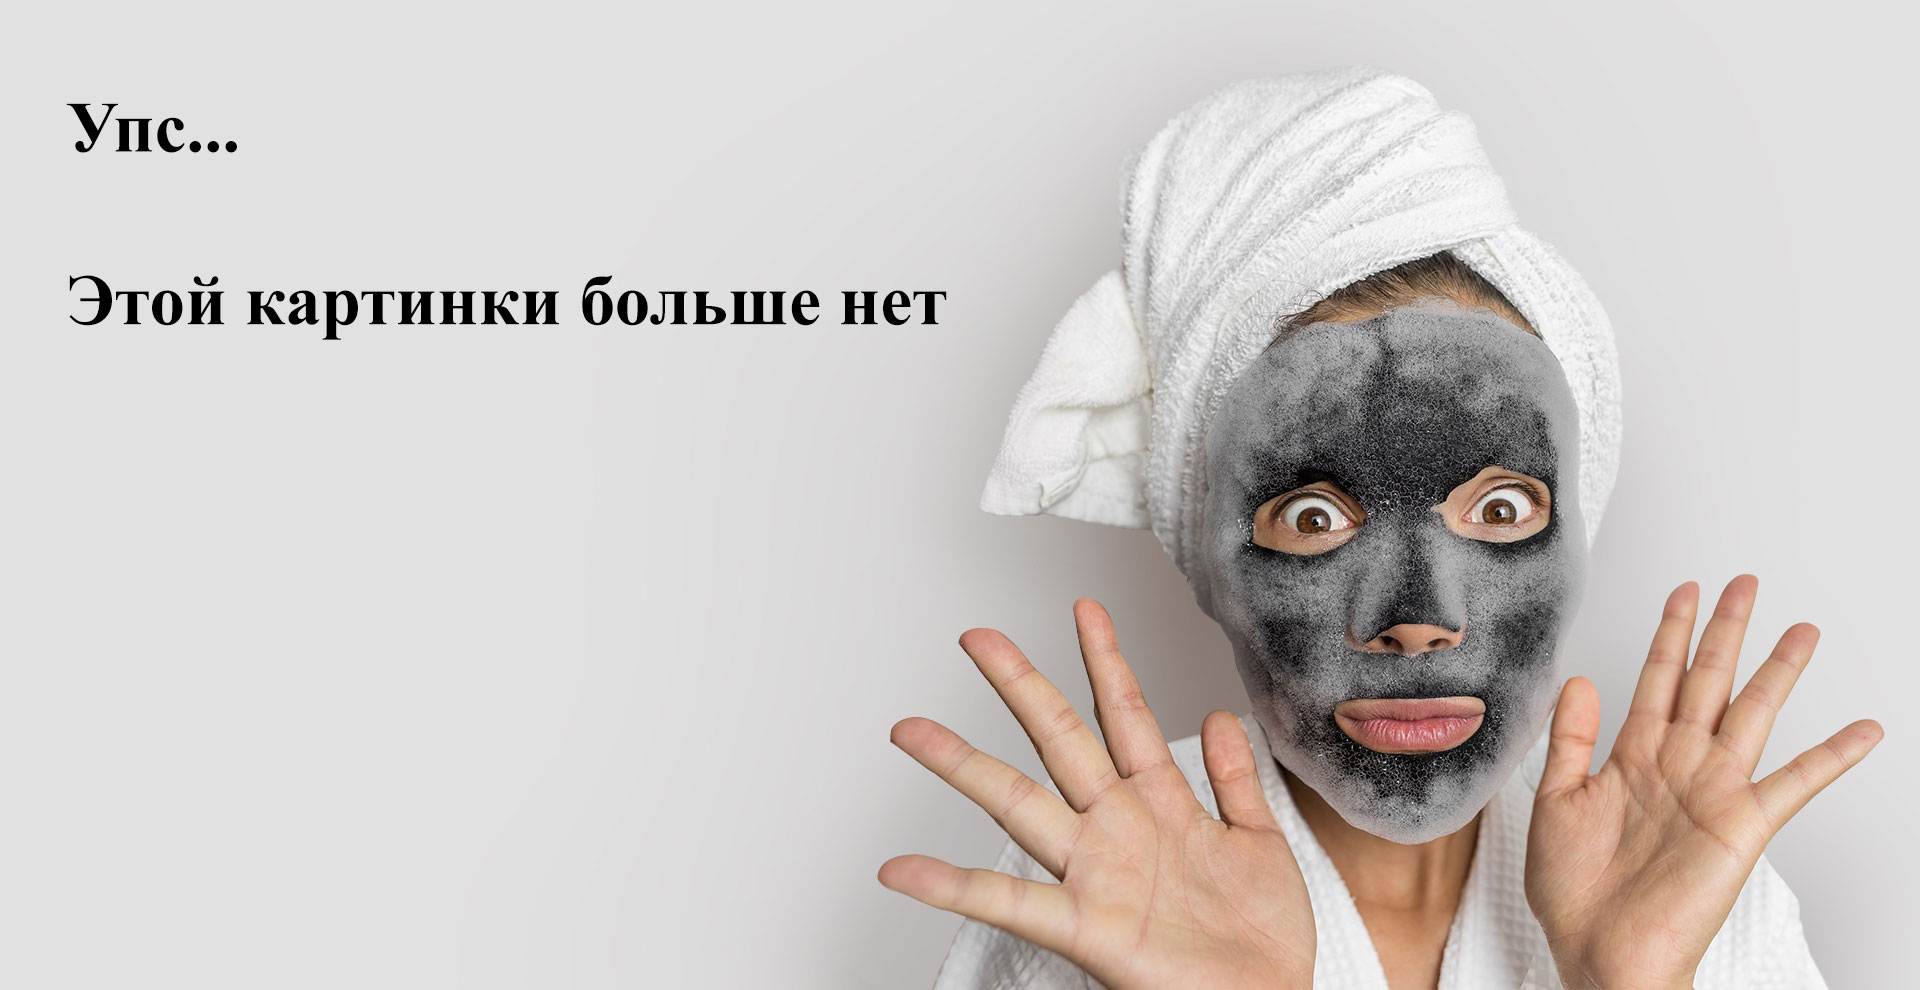 Gehwol, Крем Gehwol Extra, 75 мл